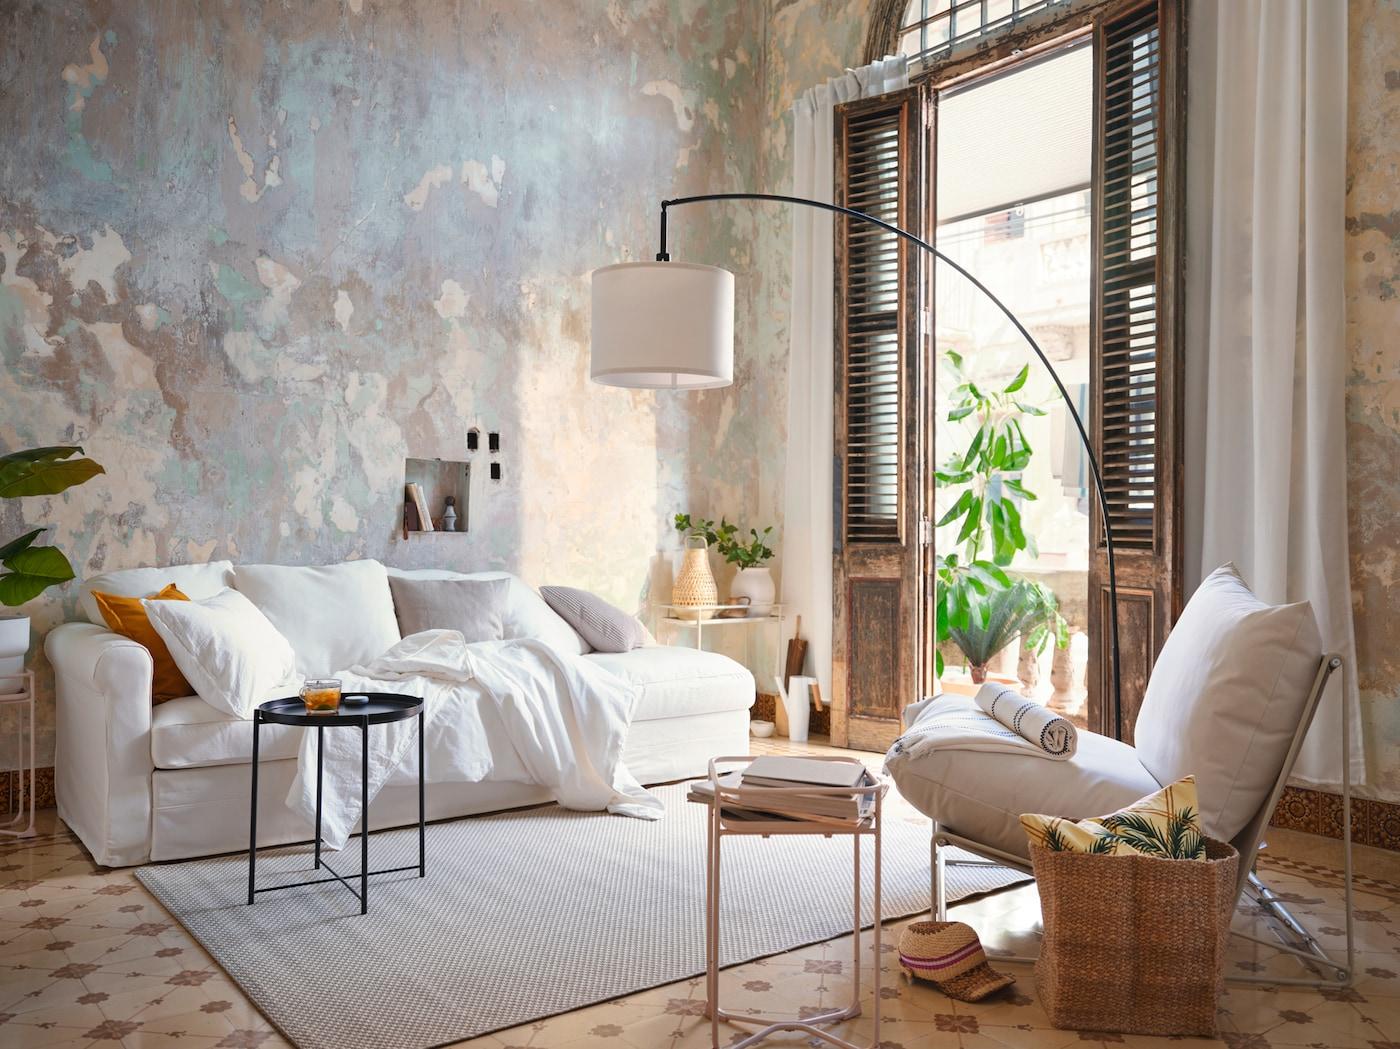 Hvid sofa med puder i en beige/grå stue, sort sofabord og en hvid lænestol.